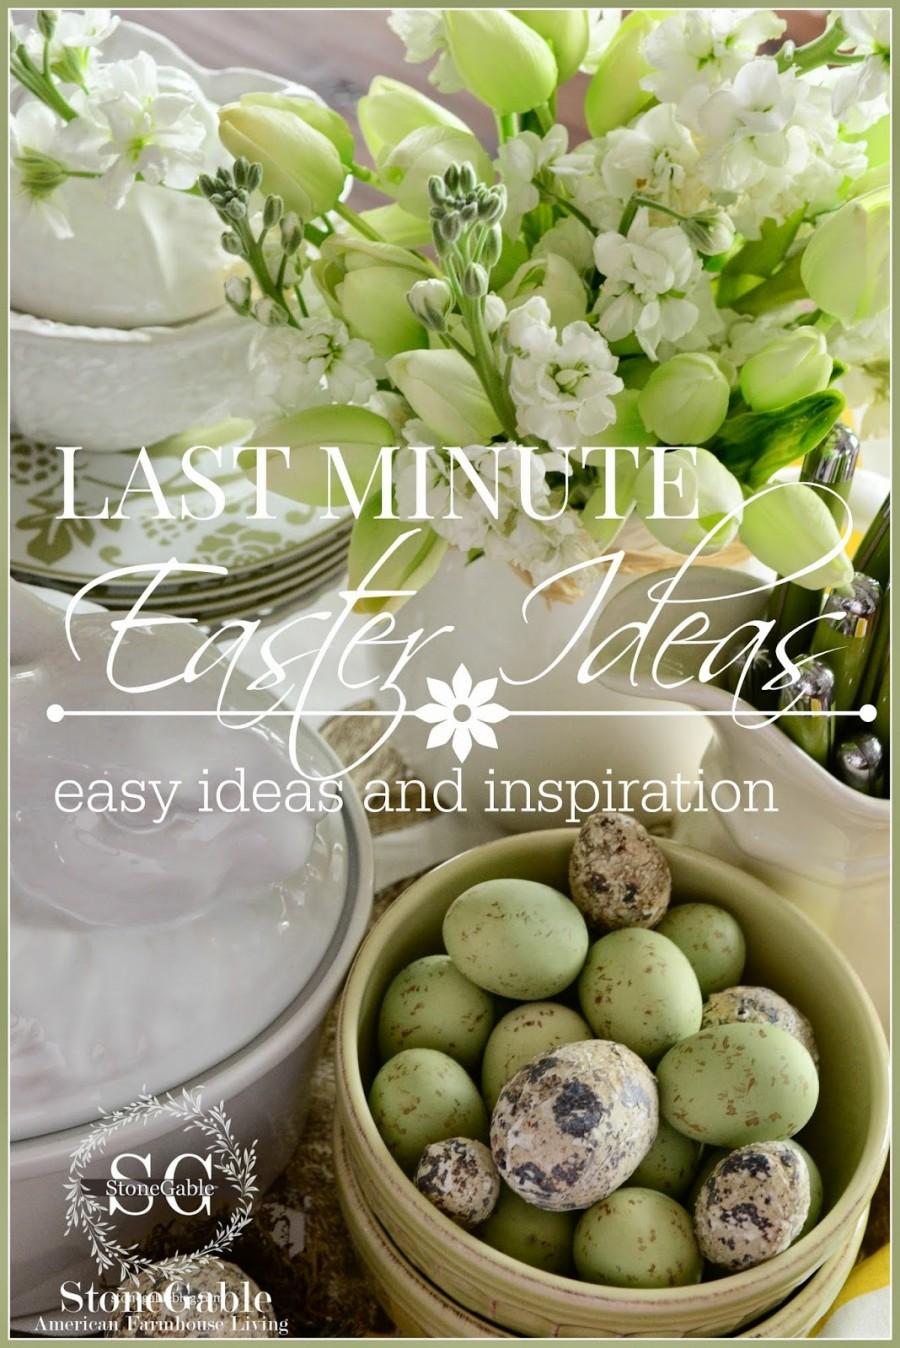 last minute easter ideas-stonegableblog